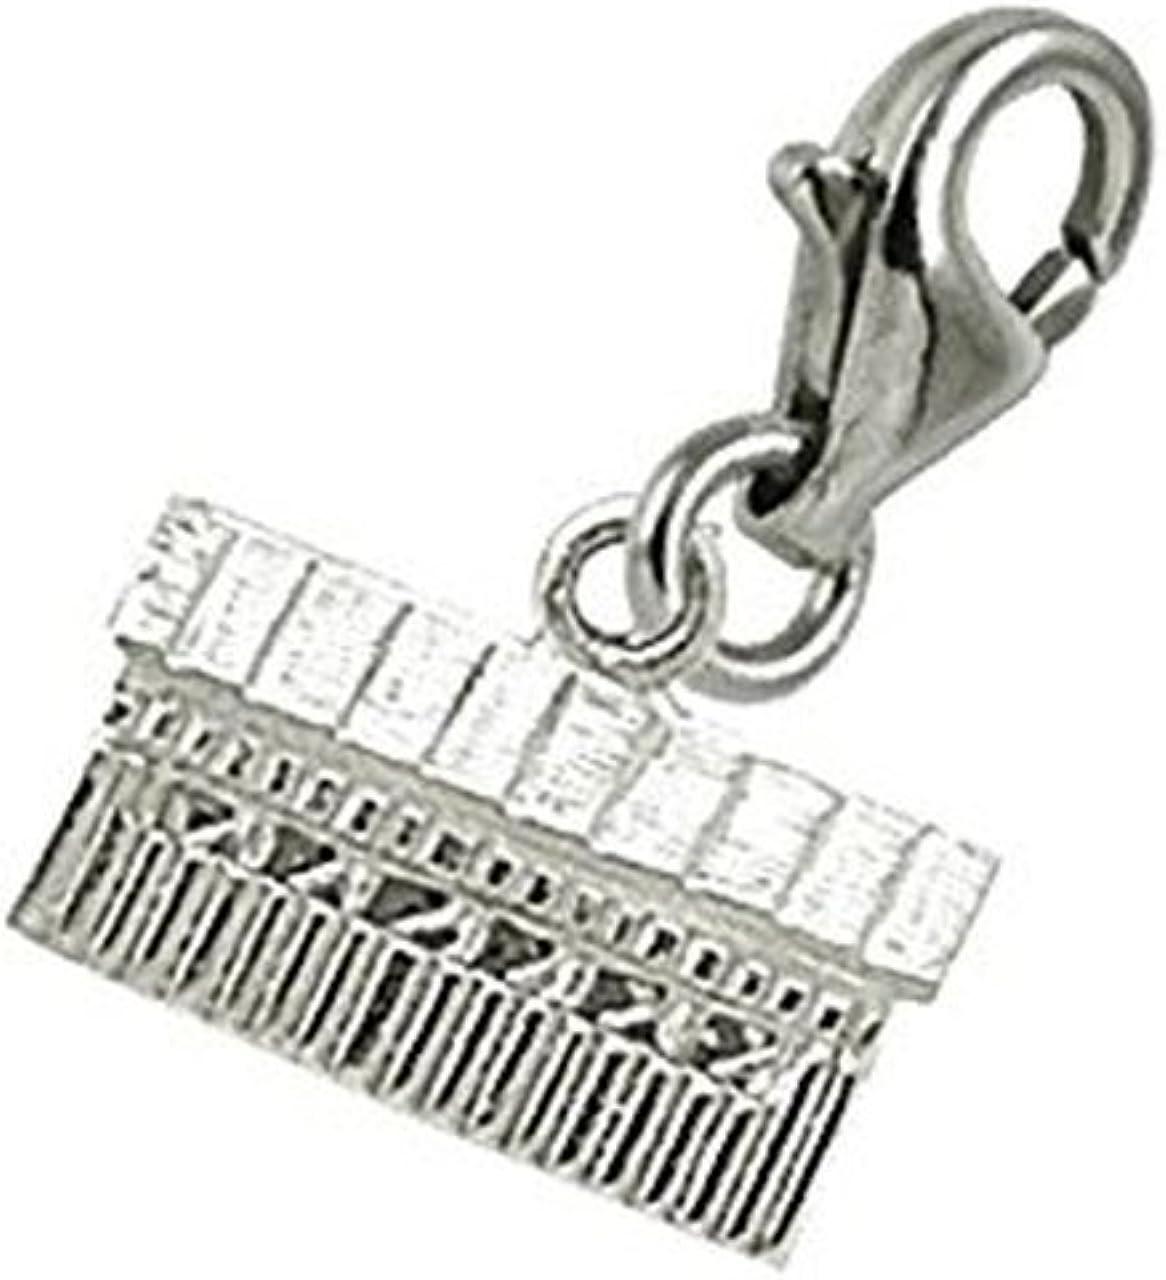 yingyue Fashion Men Faux Leather Multi-Layer Braid Rope Wristband Bracelet Jewelry Gift